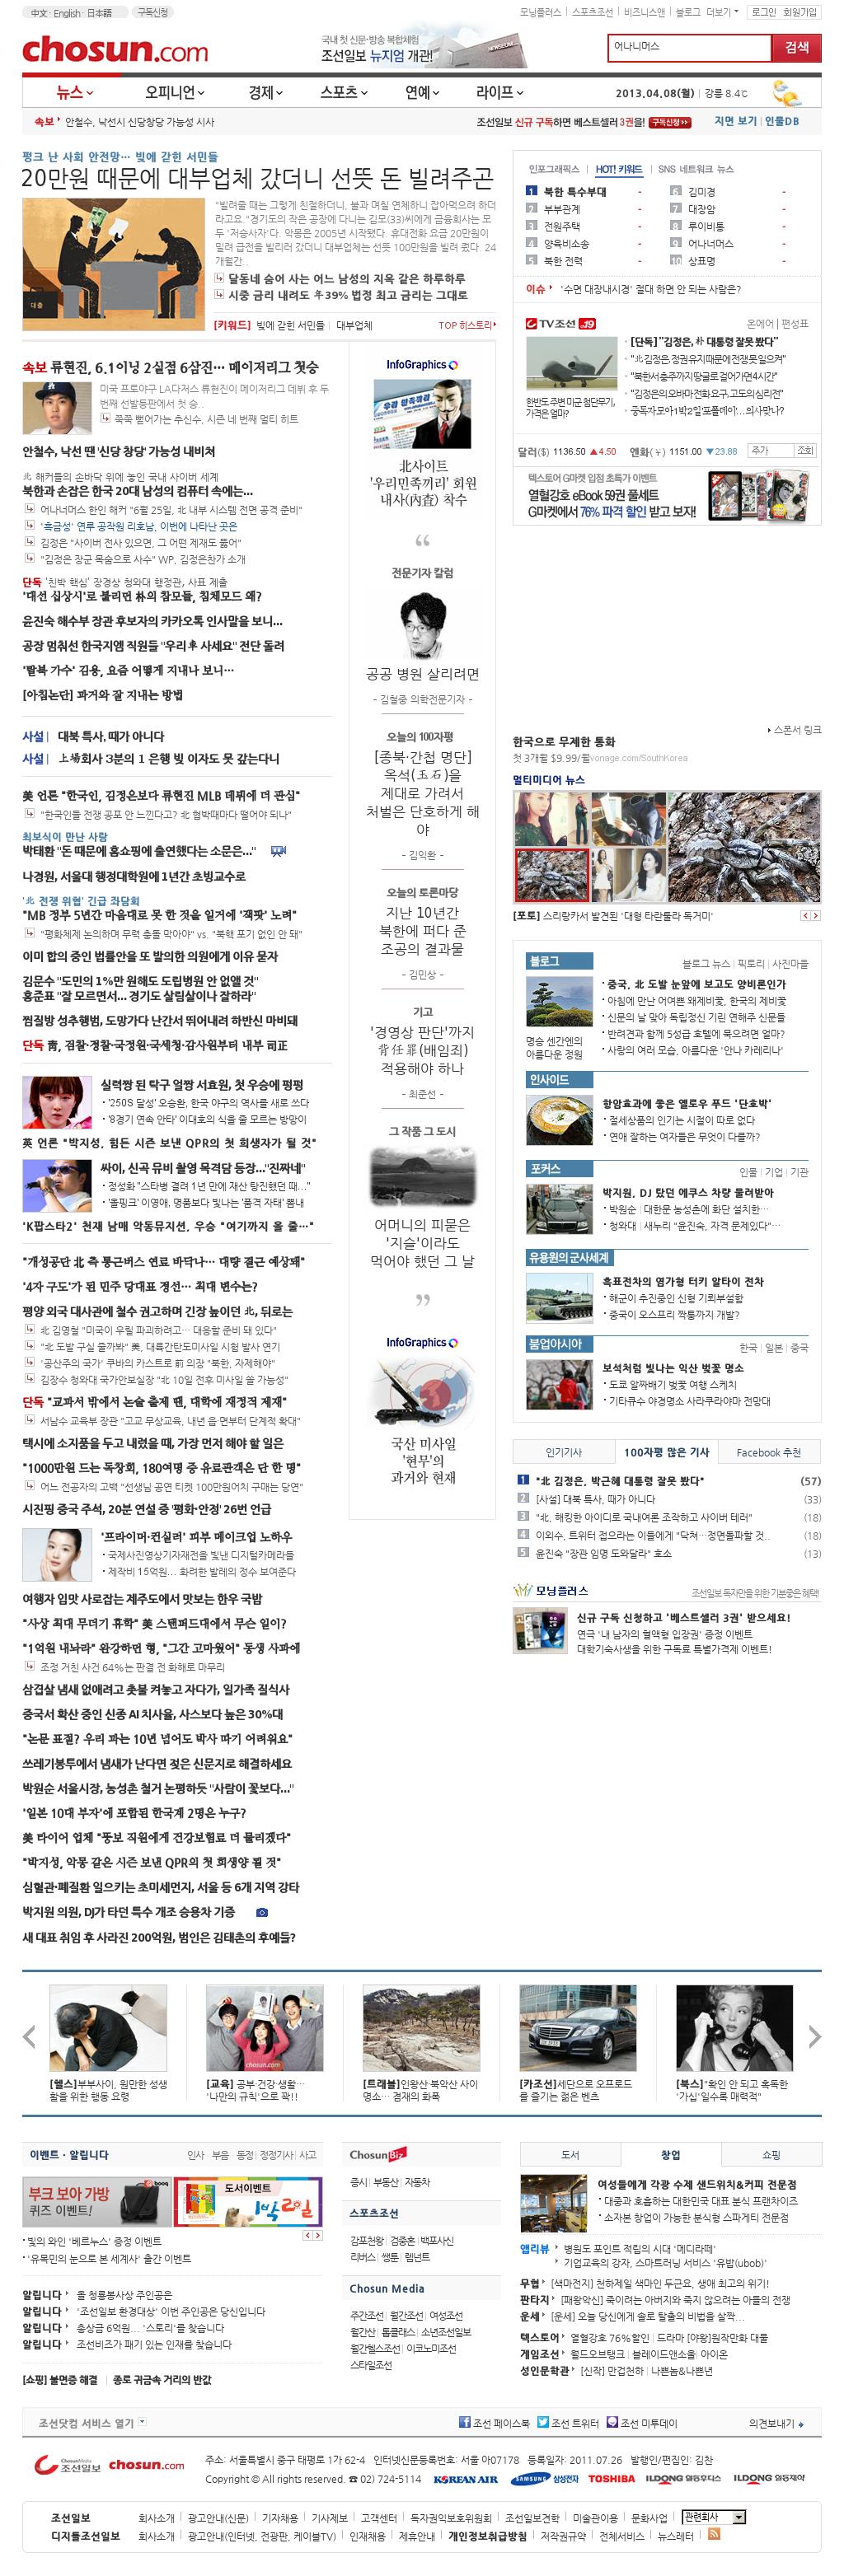 chosun.com at Monday April 8, 2013, 12:03 a.m. UTC